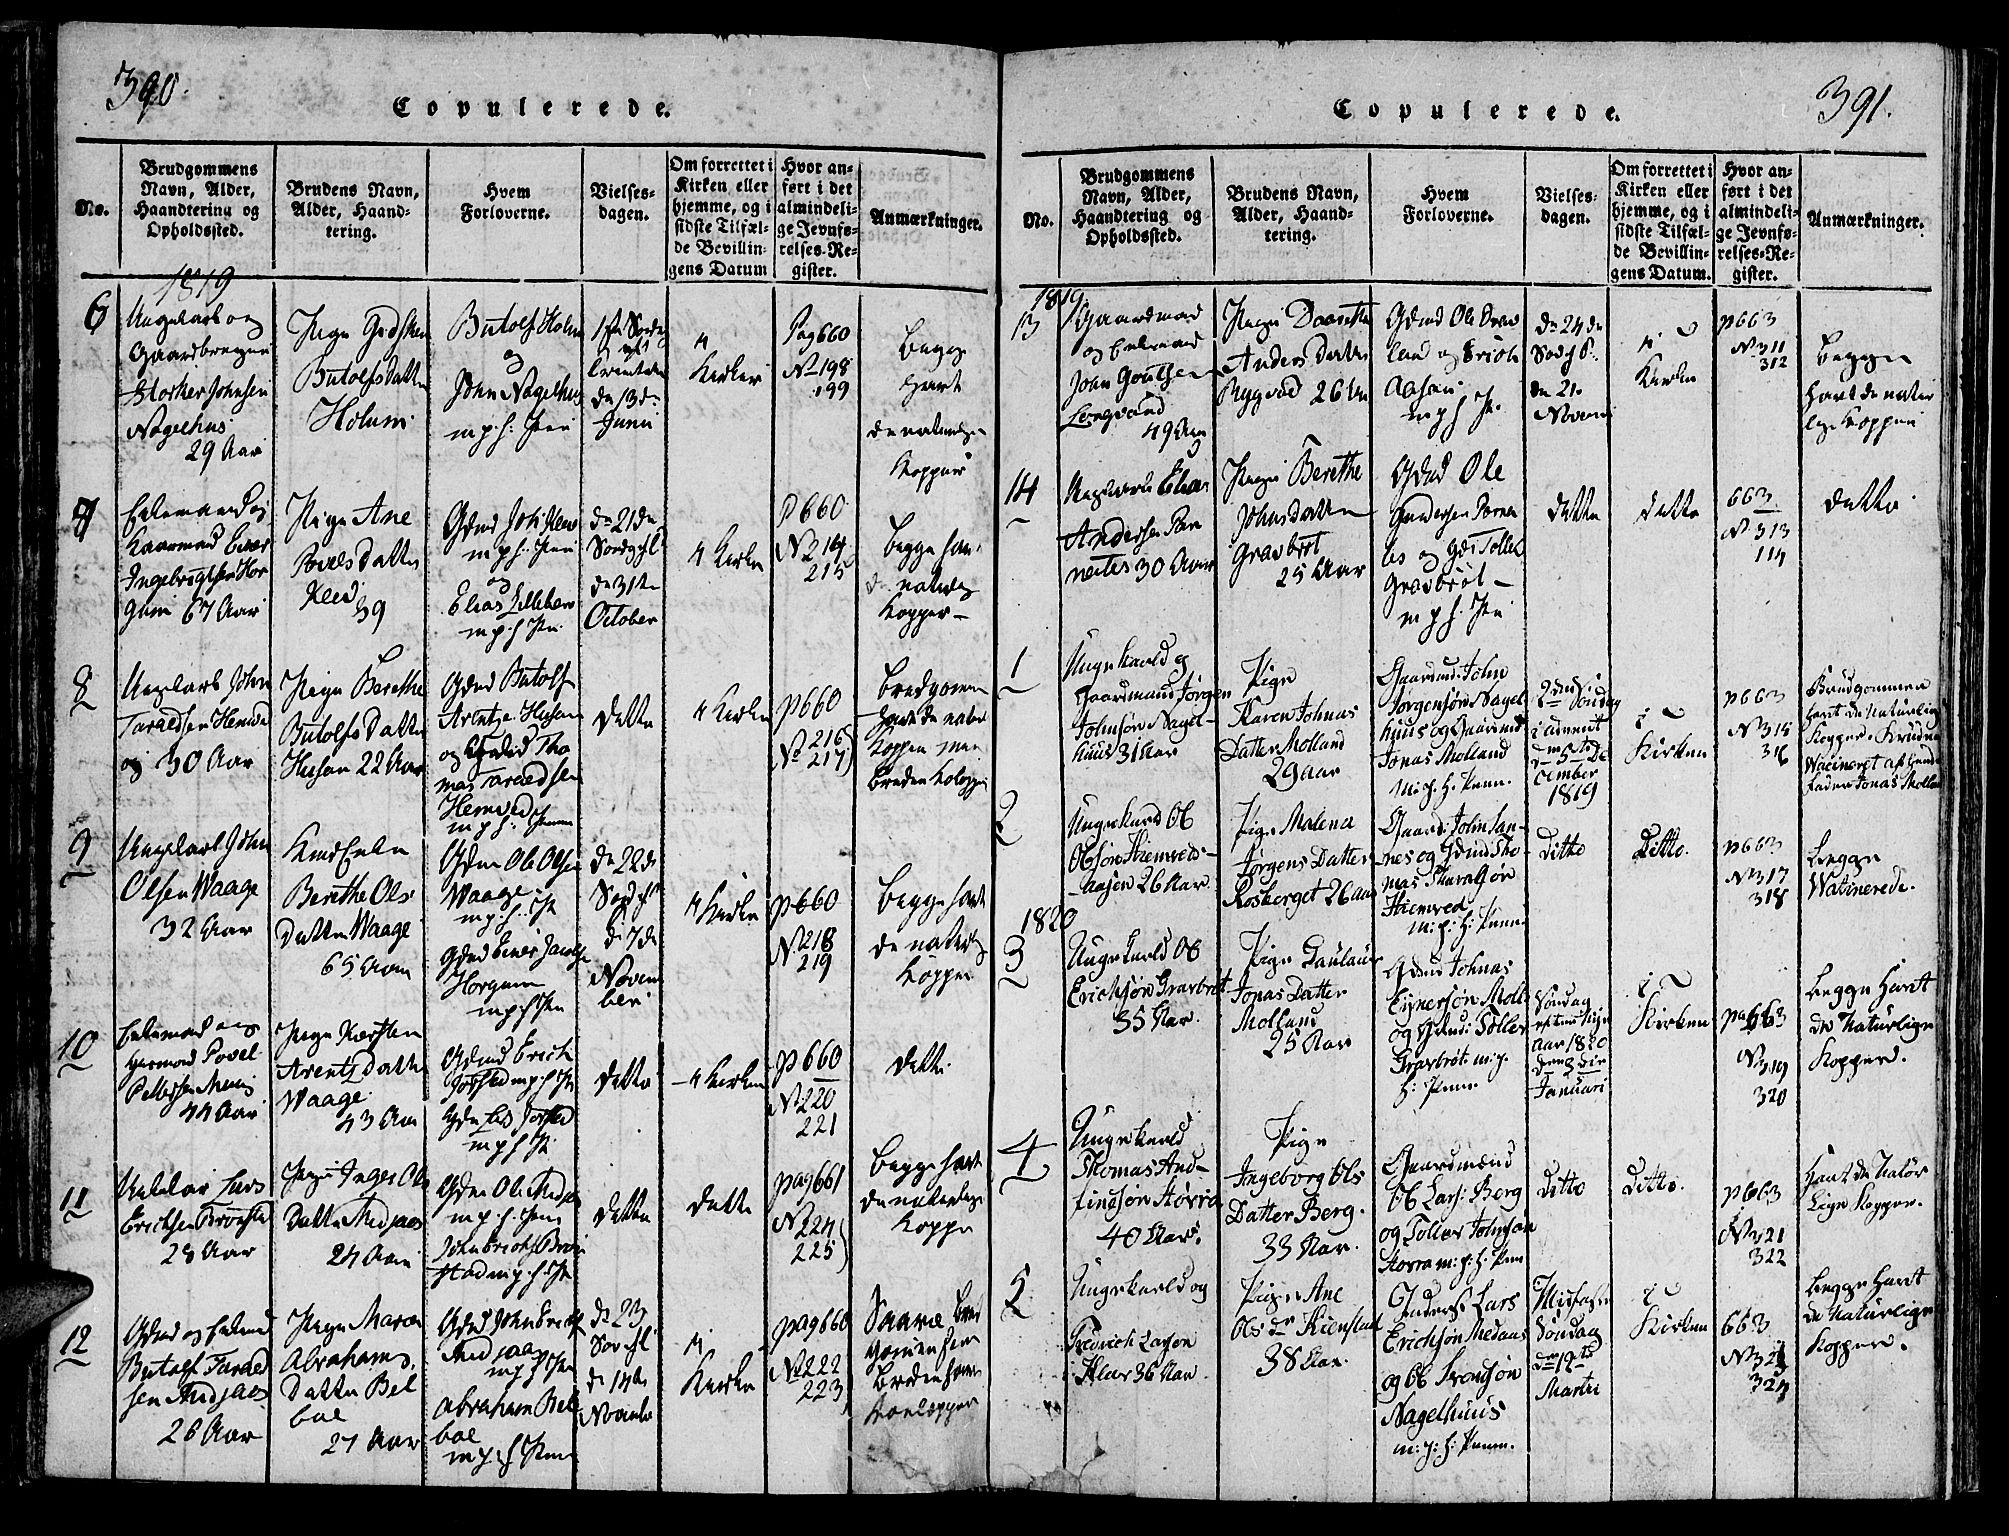 SAT, Ministerialprotokoller, klokkerbøker og fødselsregistre - Nord-Trøndelag, 749/L0479: Klokkerbok nr. 749C01, 1817-1829, s. 390-391